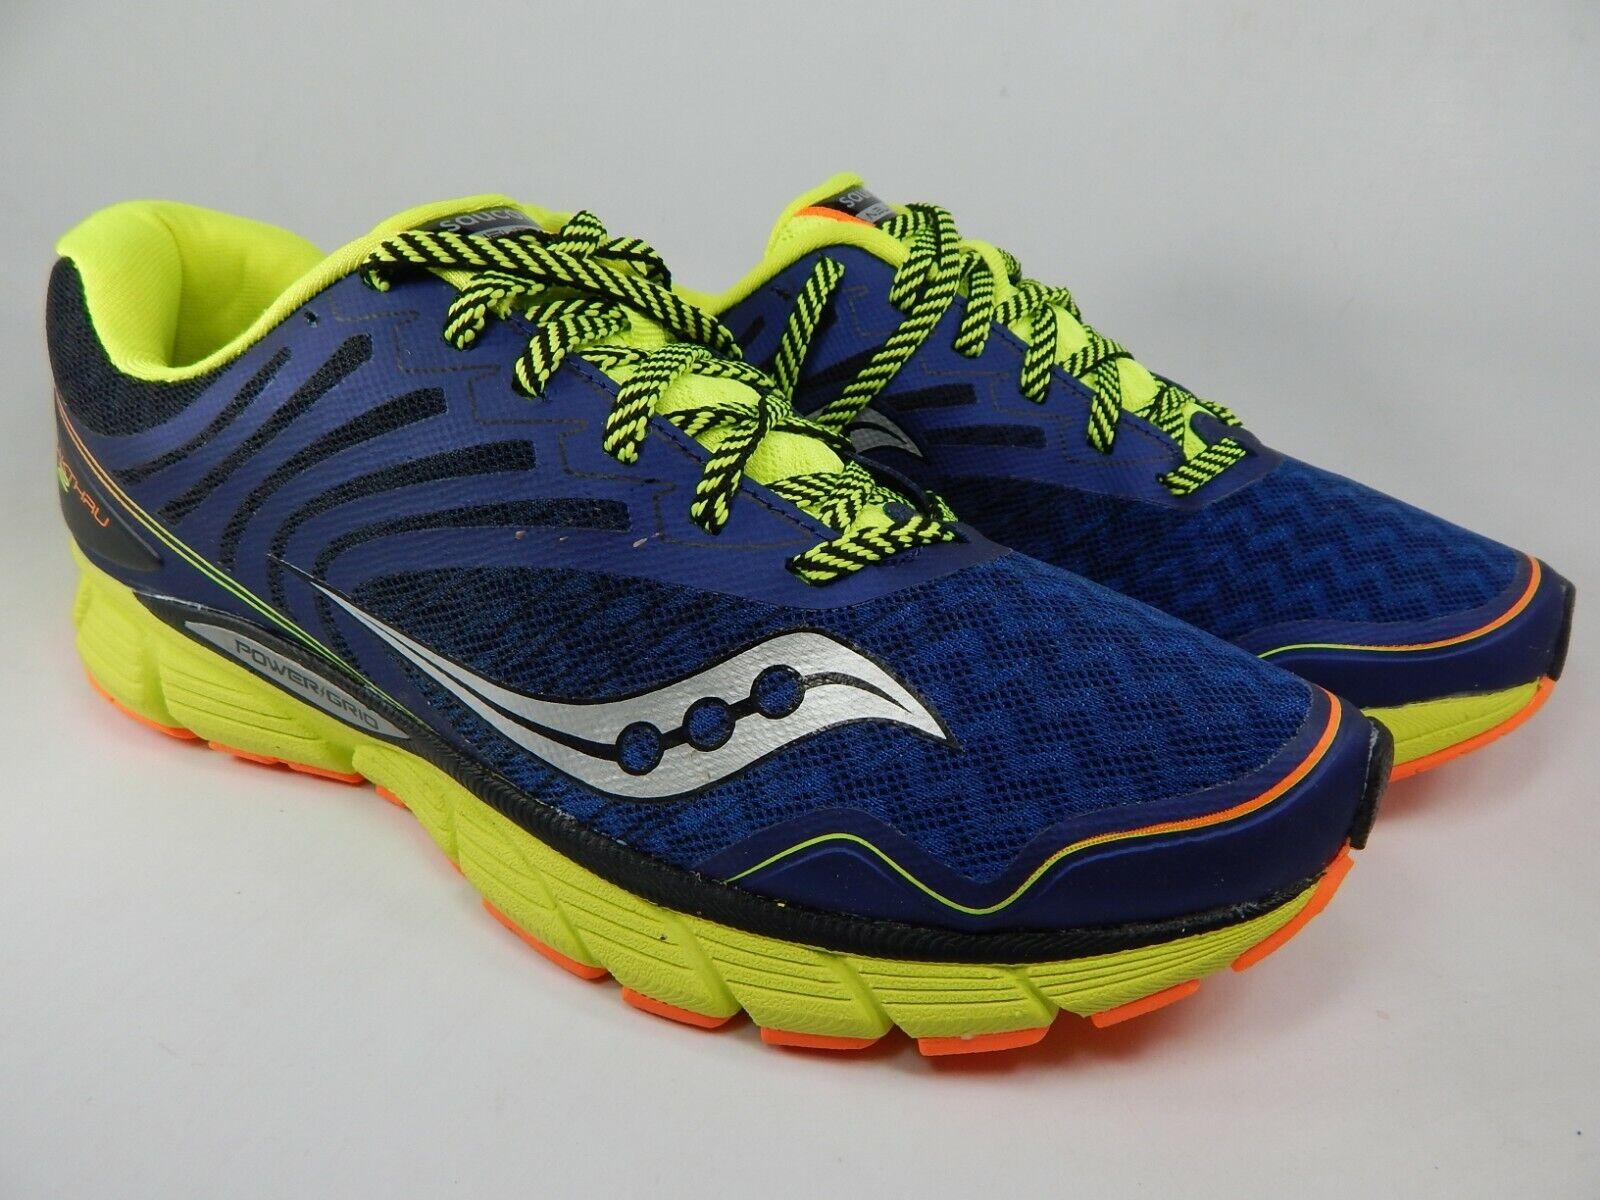 Saucony Breakthru 2 tamaño nos 9 m (D) EU 42.5 para hombres zapatos para correr azul S20304-2